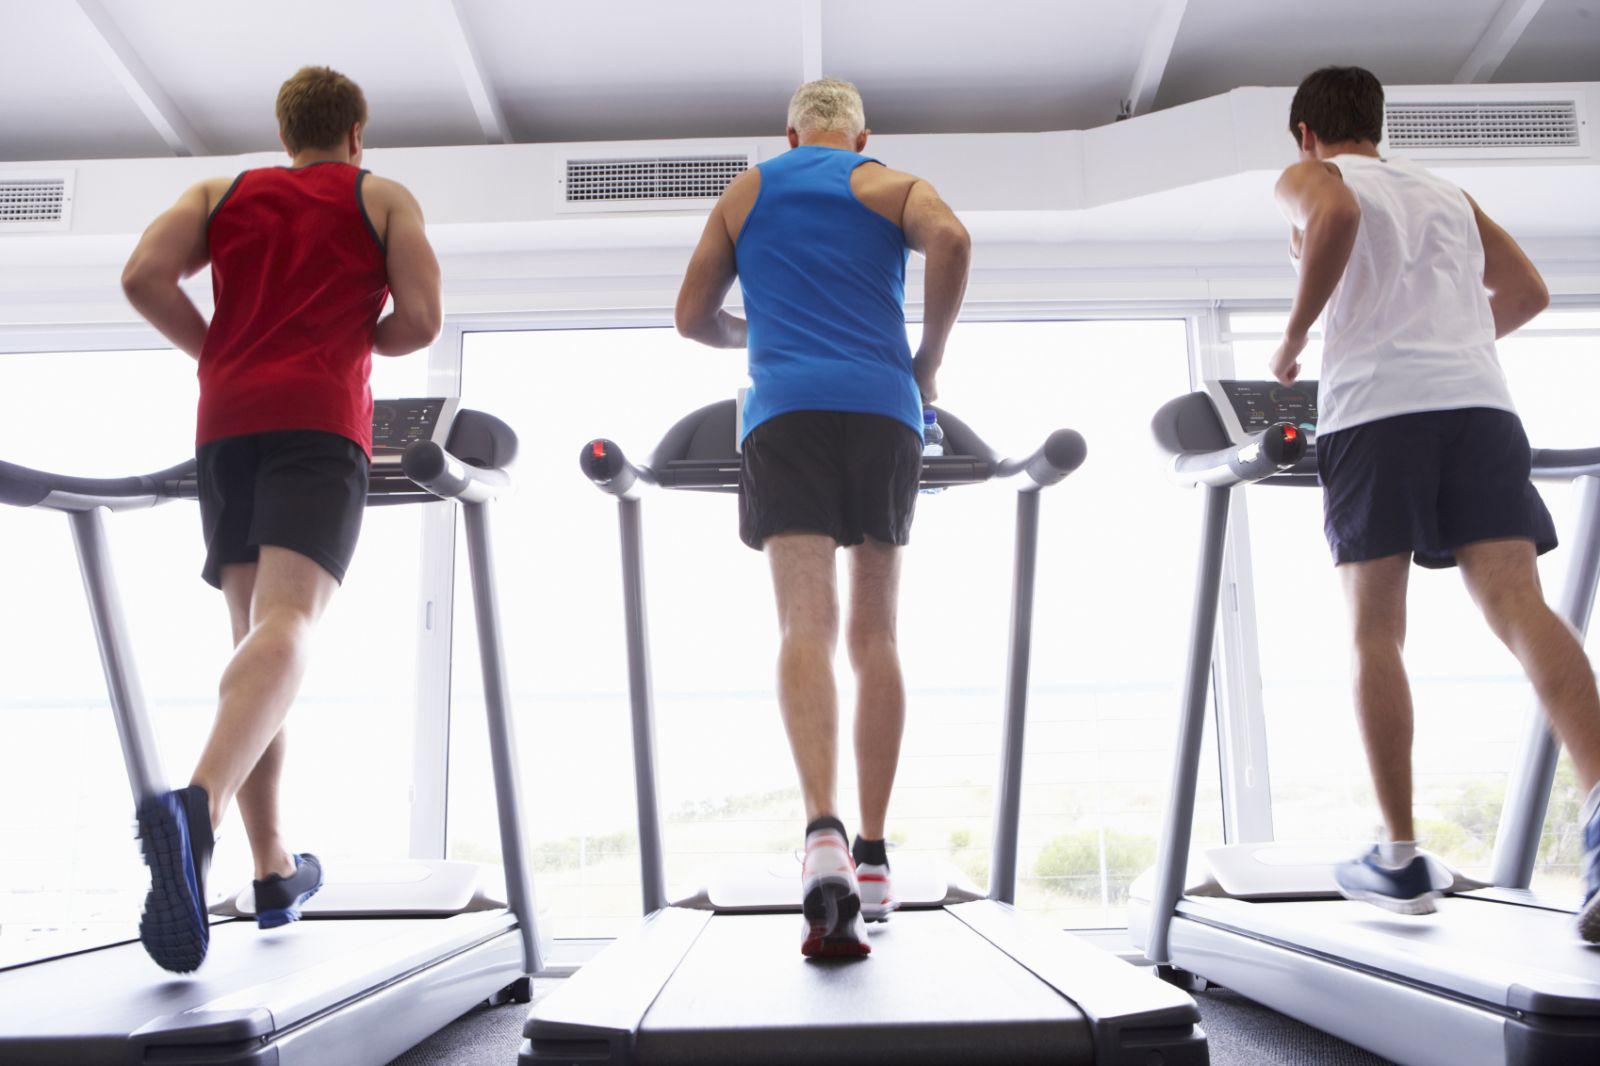 men running on treadmills